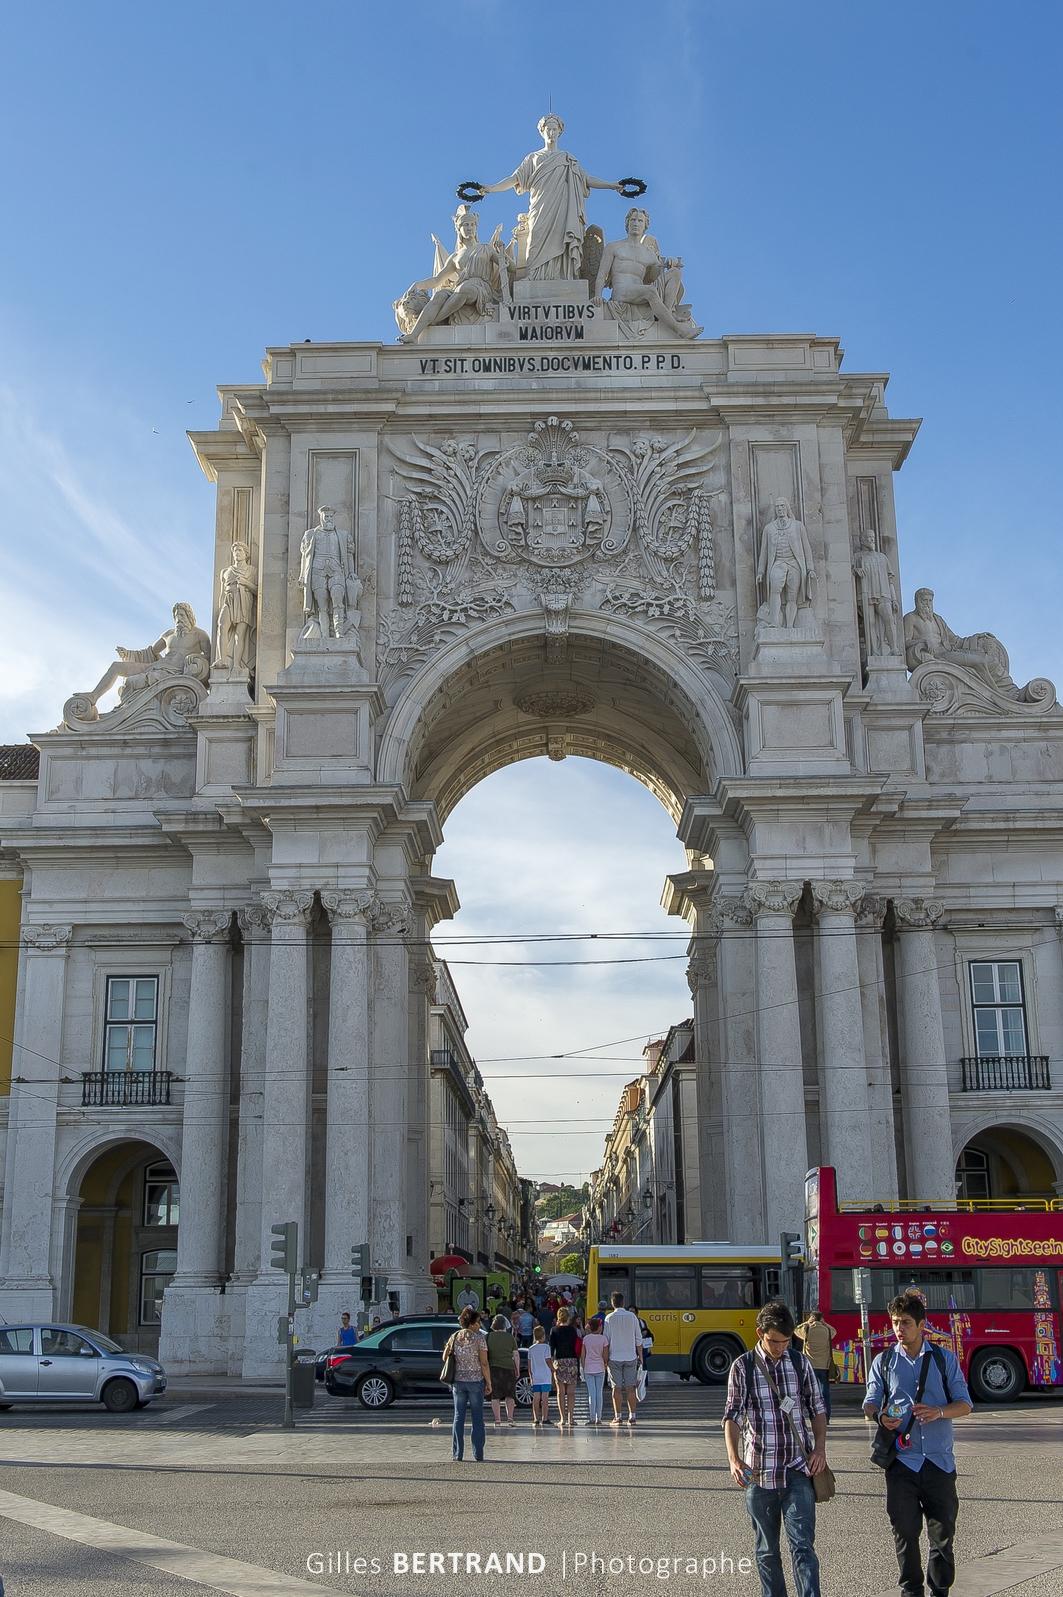 LISBONNE - La place du commerce, praça do comersio